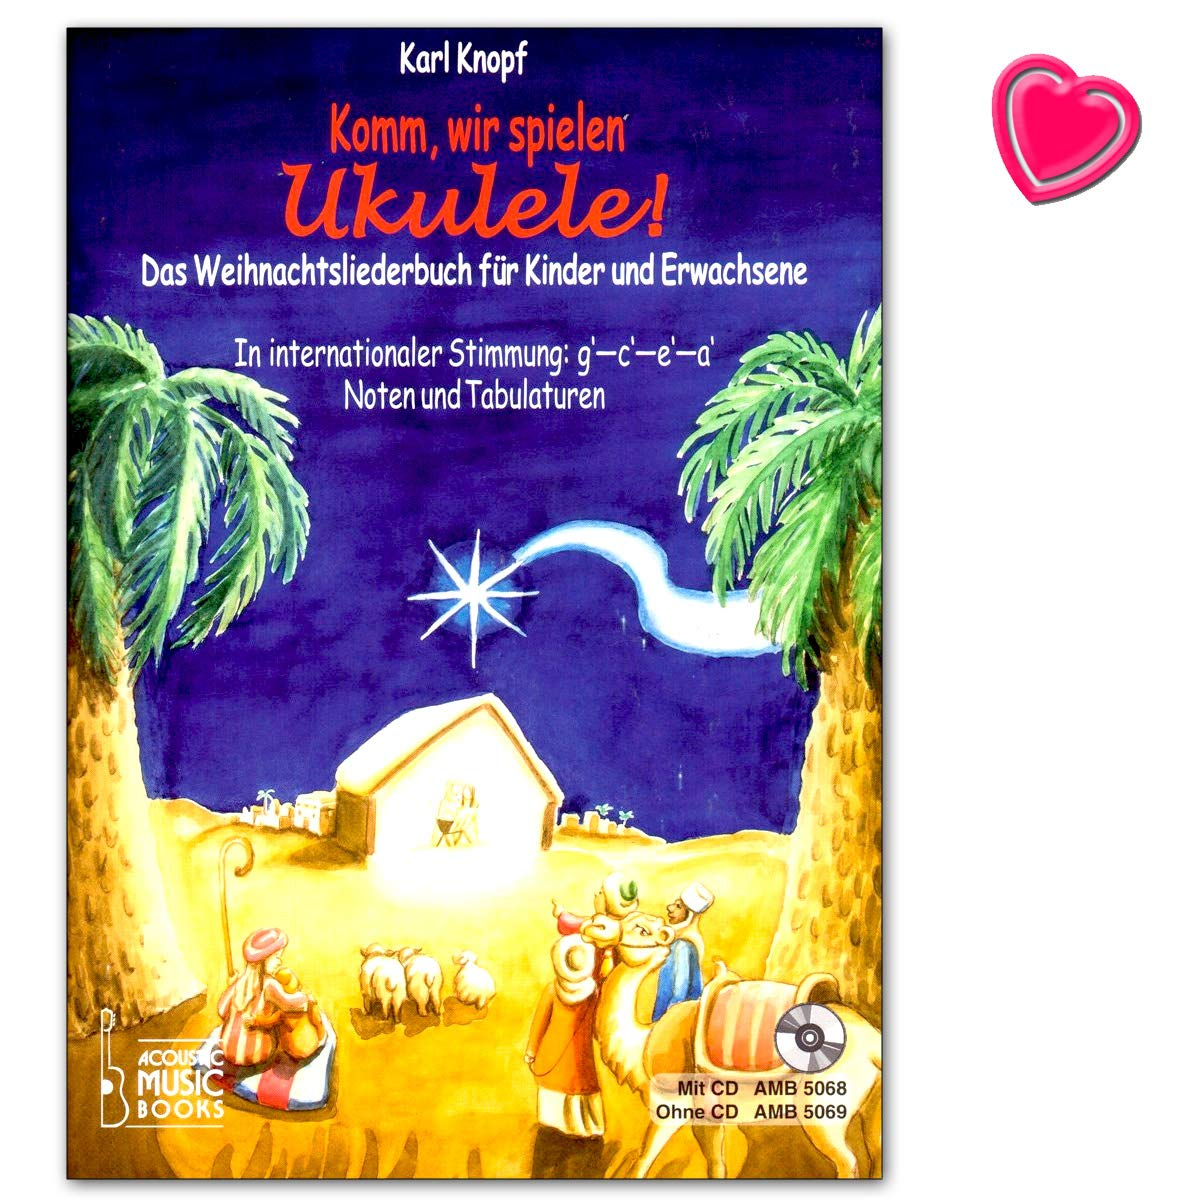 Komm Wir Spielen Ukulele  Schönsten Weihnachtslieder Für Ukulelen Spieler Ohne Und Mit Notenkenntnissen   Notenbuch Mit Herzförmiger Notenklammer